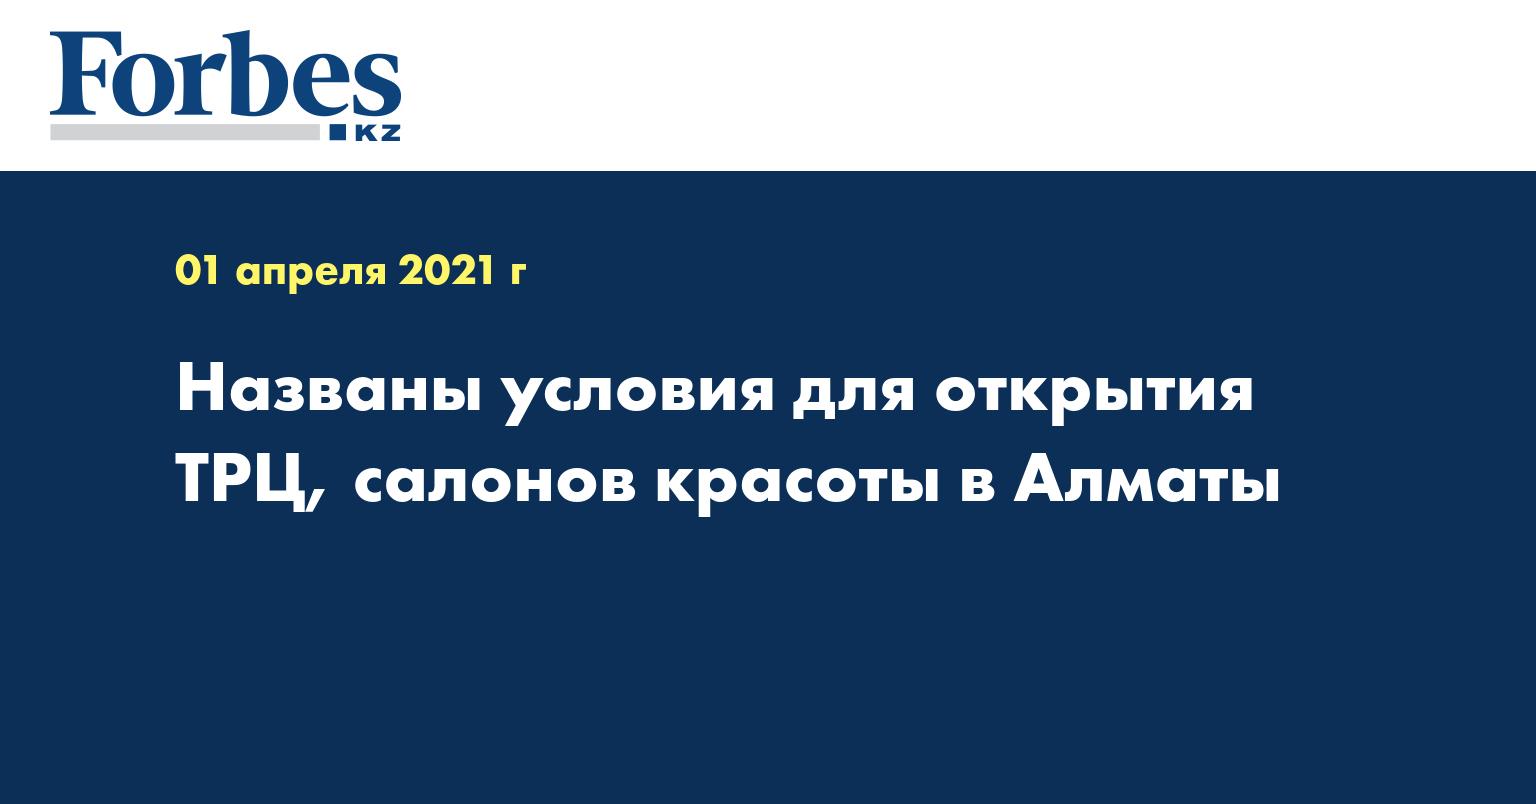 Названы условия для открытия ТРЦ, салонов красоты в Алматы